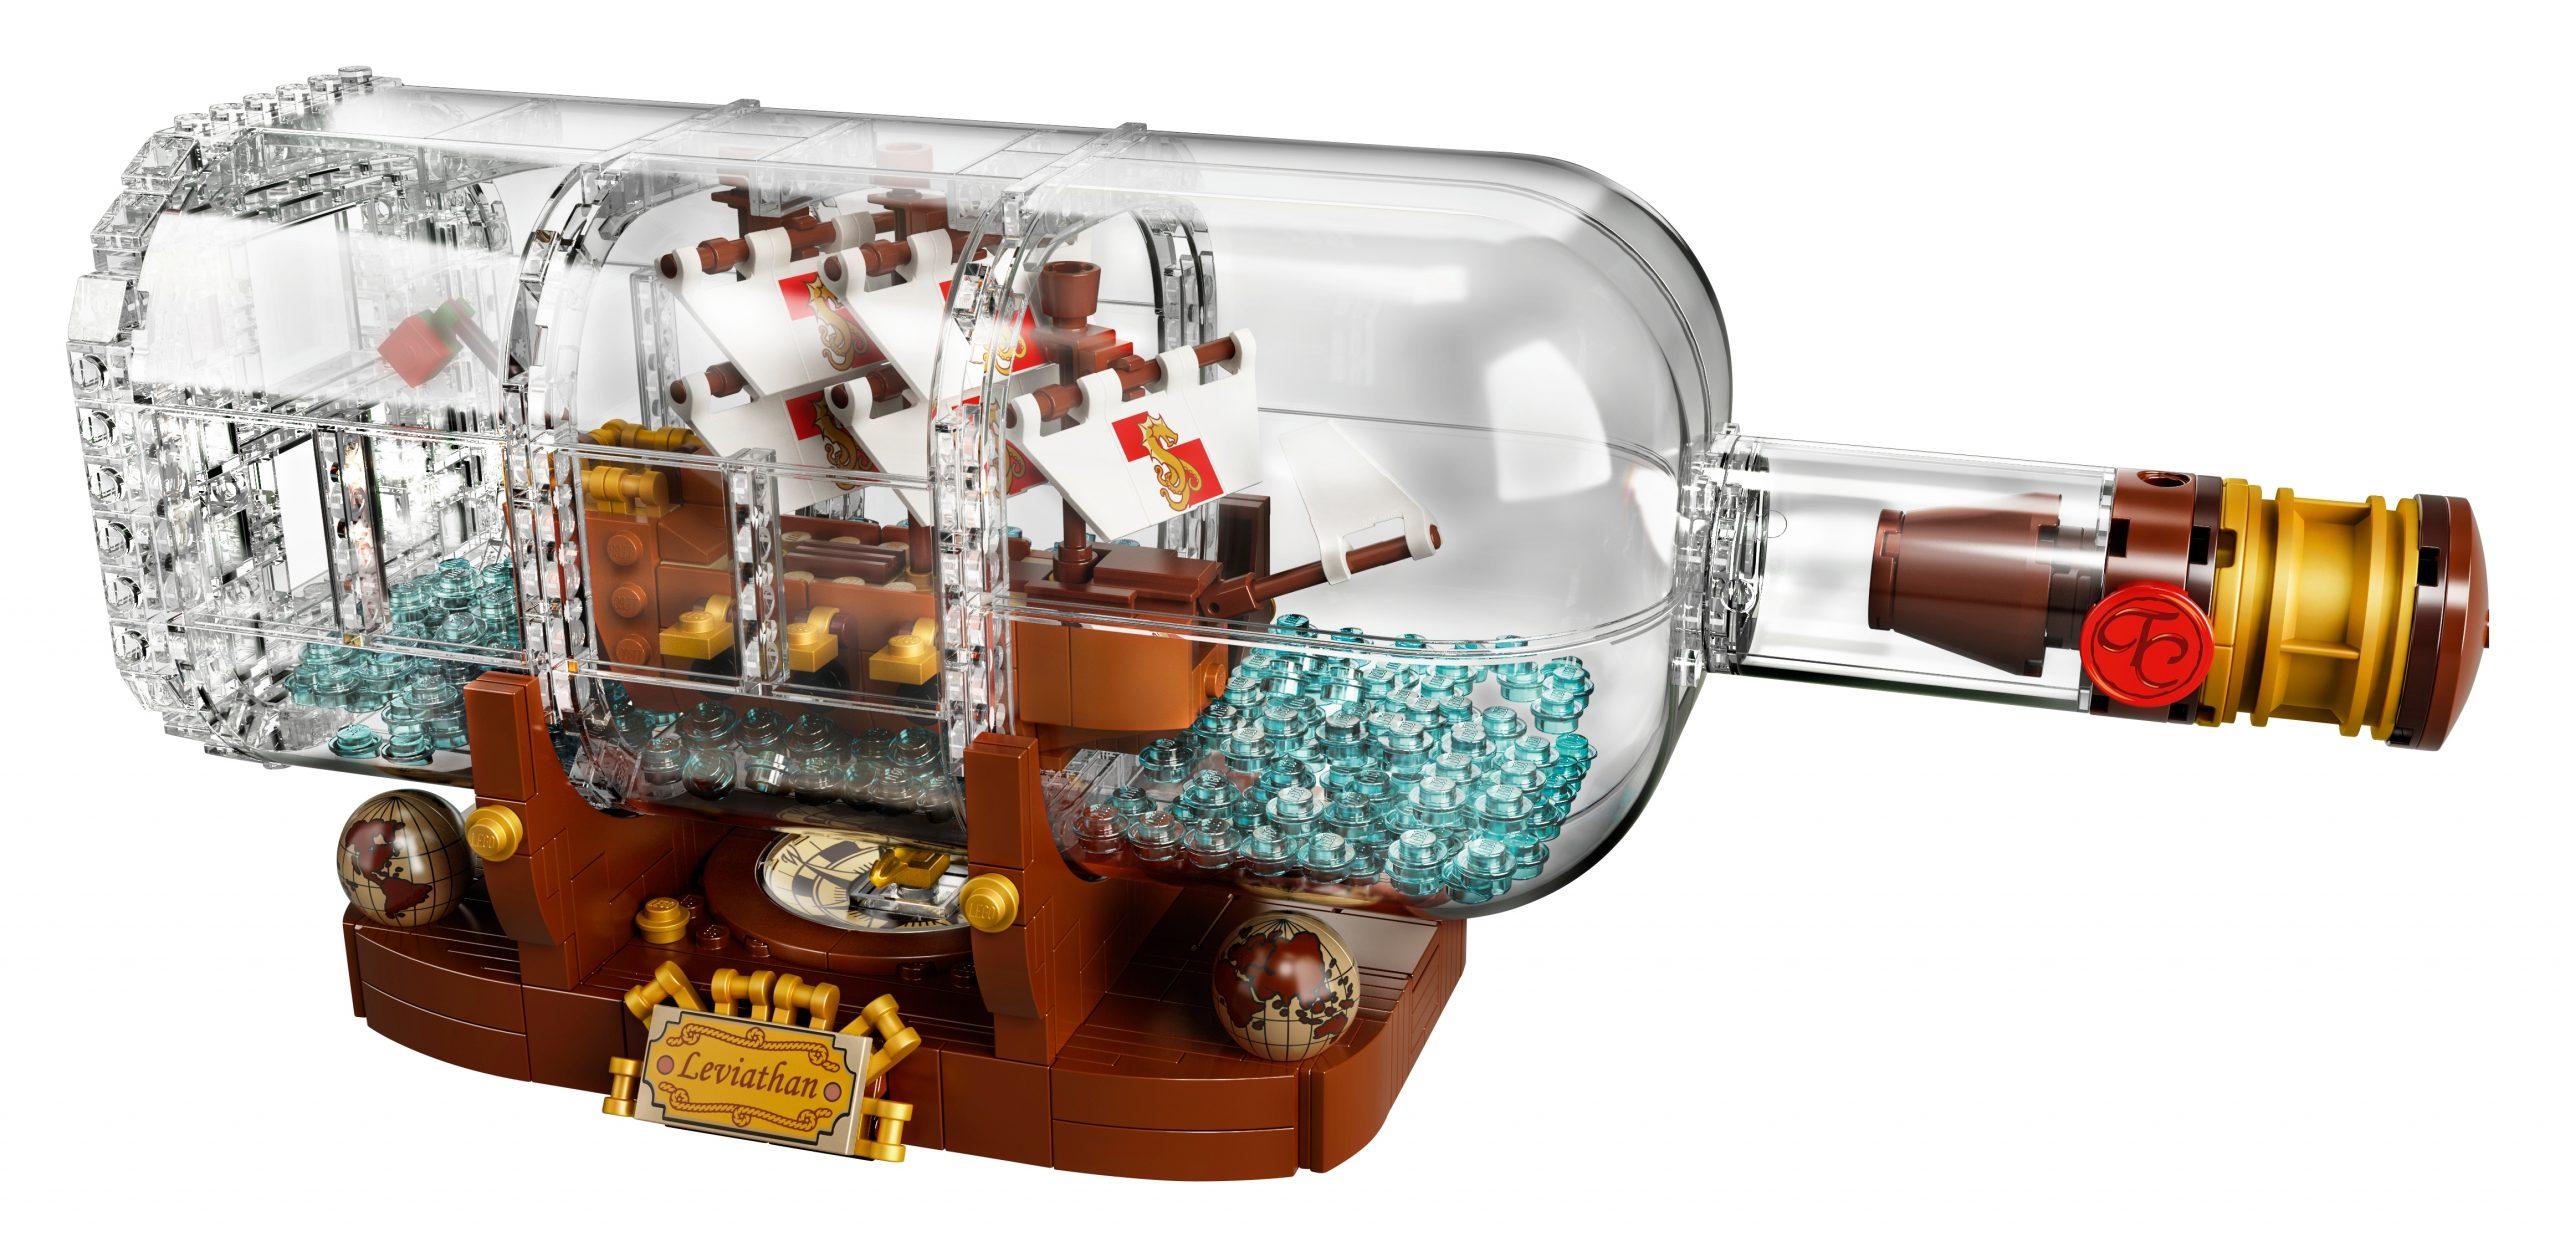 lego schip in een fles 21313 scaled